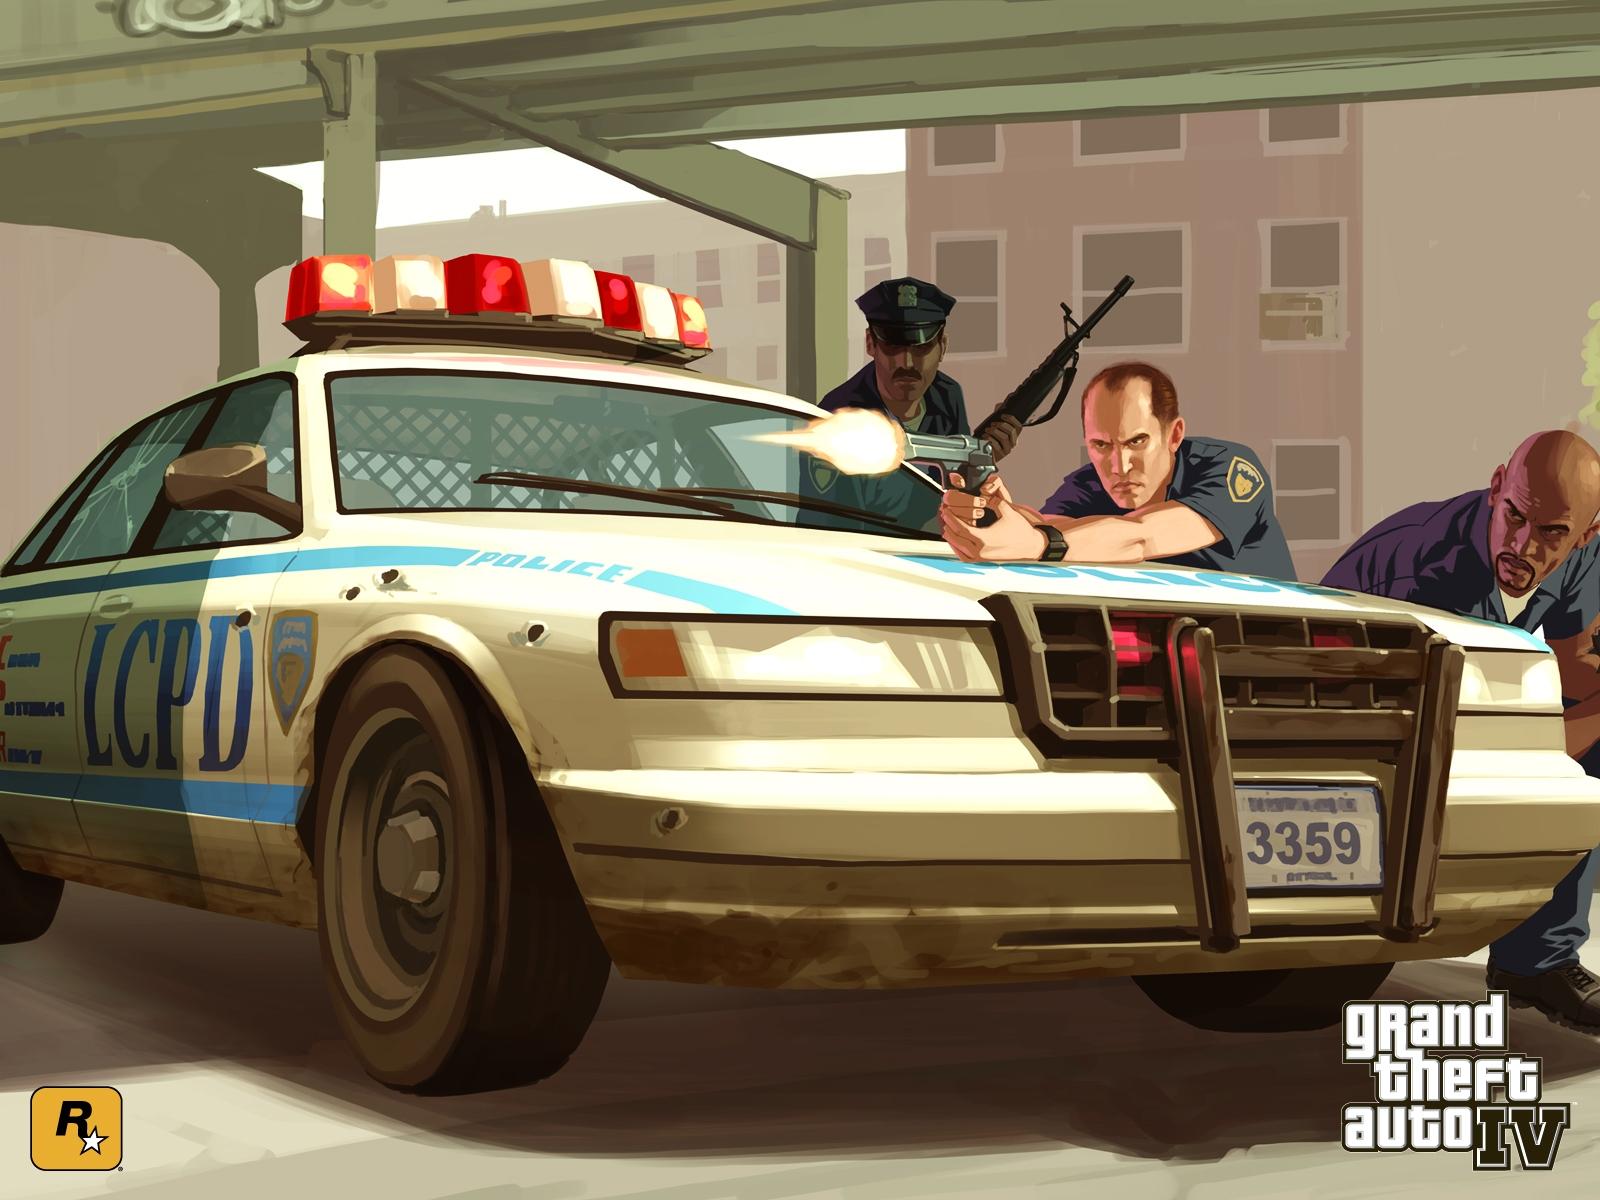 В один прекрасный день, я решил поиграть в GTA IV.  Угнал полицейскую тачку, поставил на парковочное место, зашёл в  ... - Изображение 1